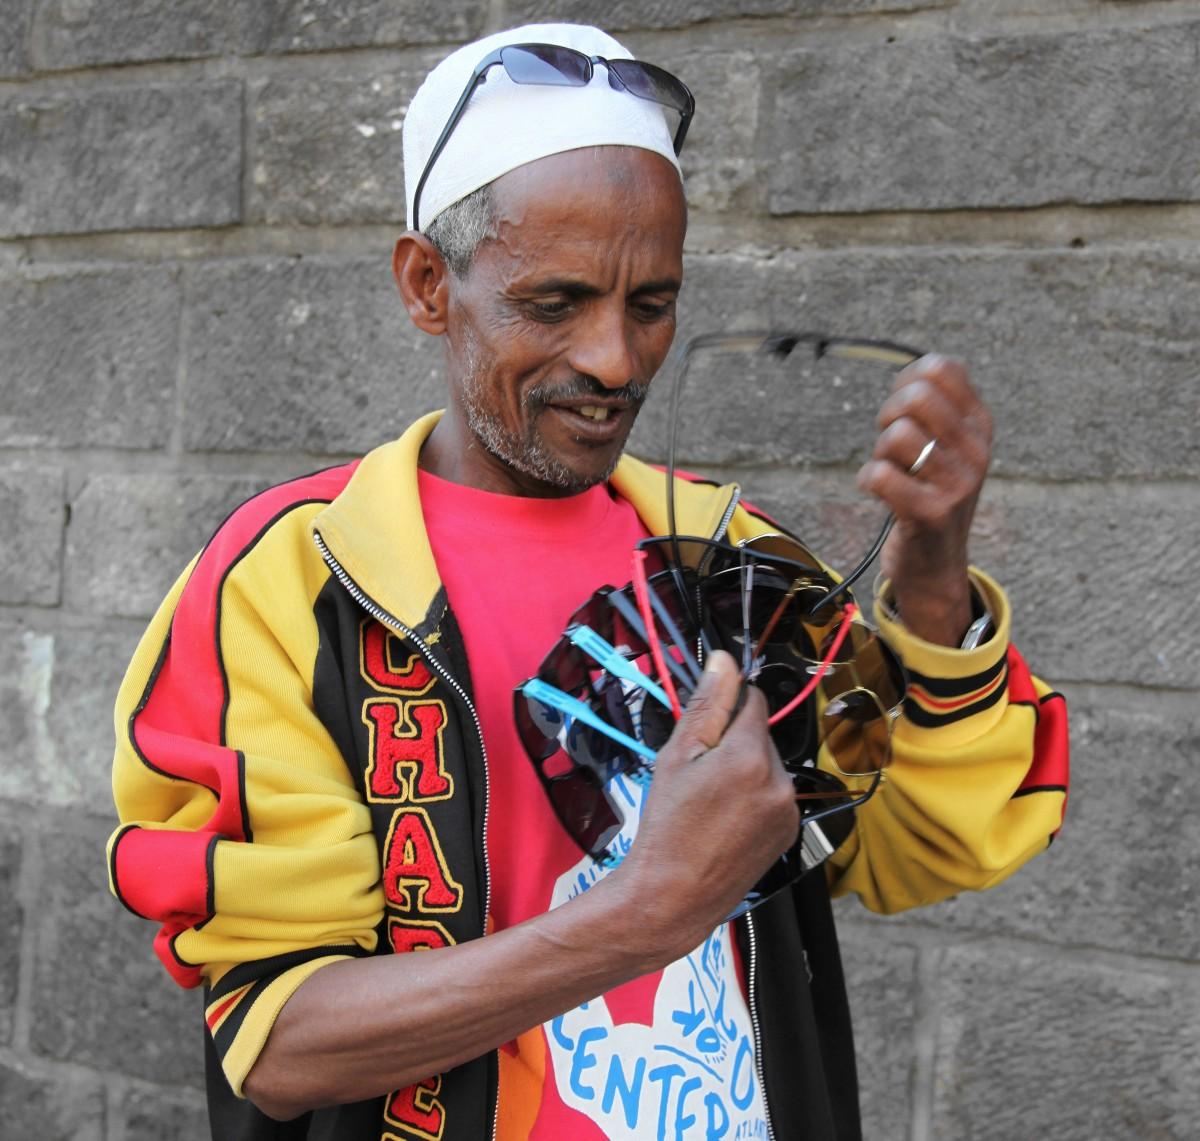 Zdjęcia: Merkato , Addis Abeba, Sprzedawca okularów, ETIOPIA